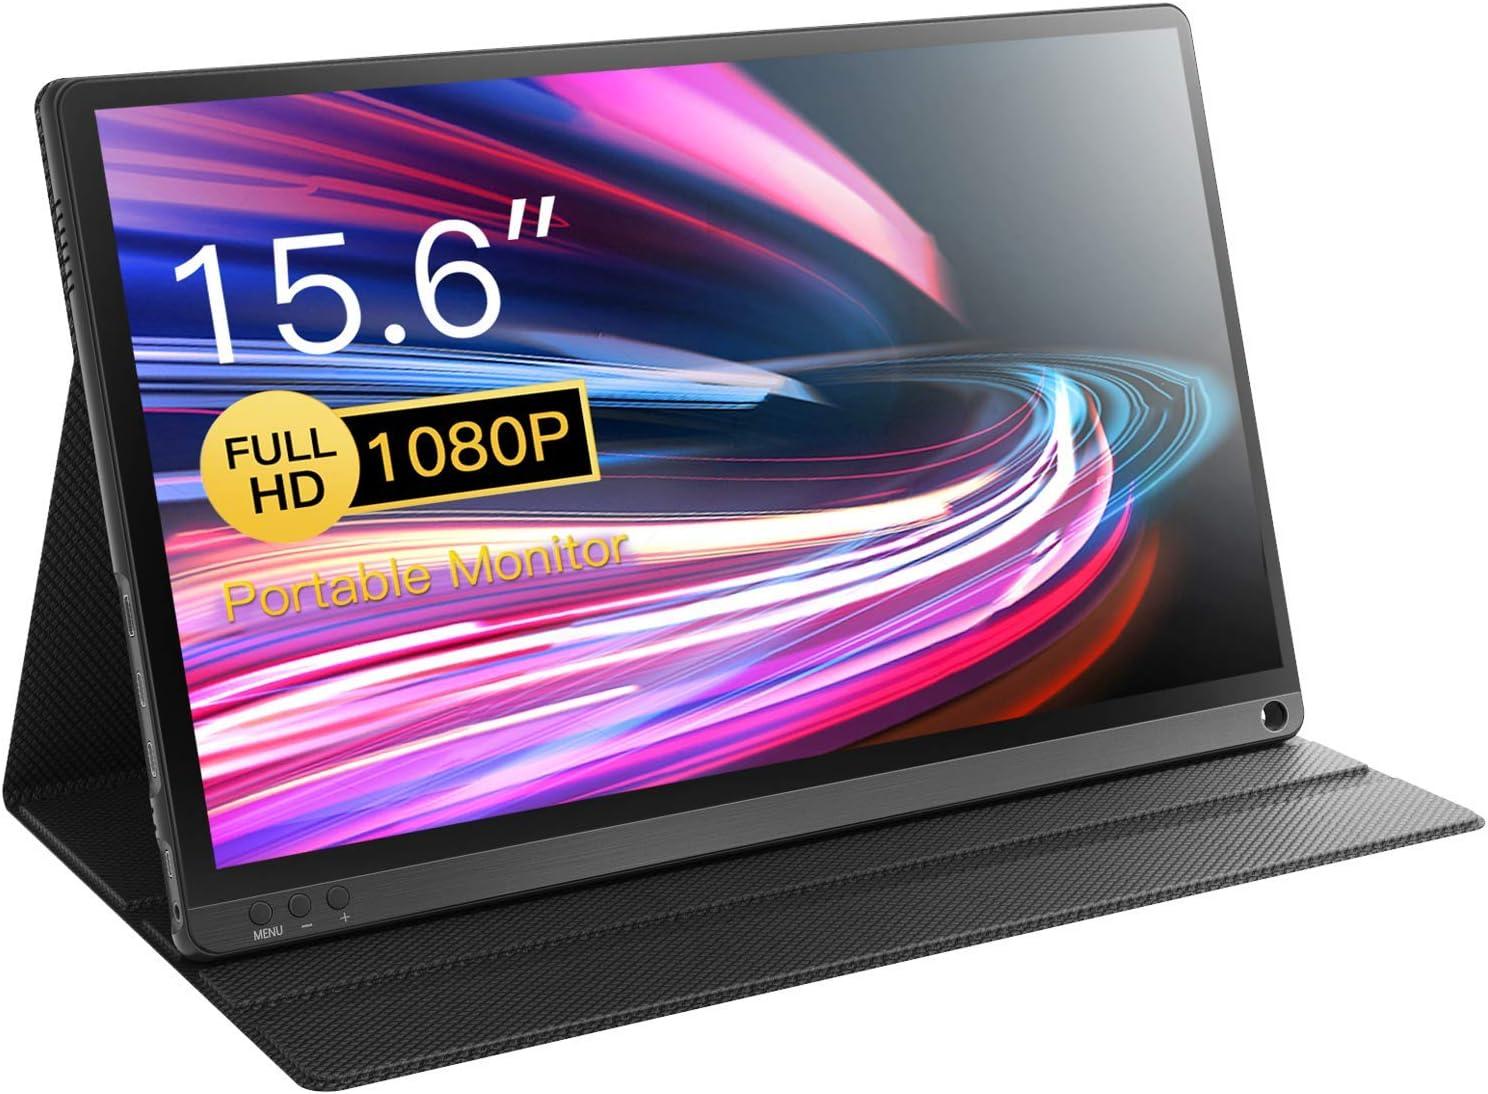 Corprit Monitor Portátil 15.6 pulgadas Full HD 1080P USB C Monitor con Tipo-C /Mini HDMI/altavoces/IPS pantalla portátil para ordenador portátil, Mac, PC, teléfono Xbox PS4, funda inteligente incluida